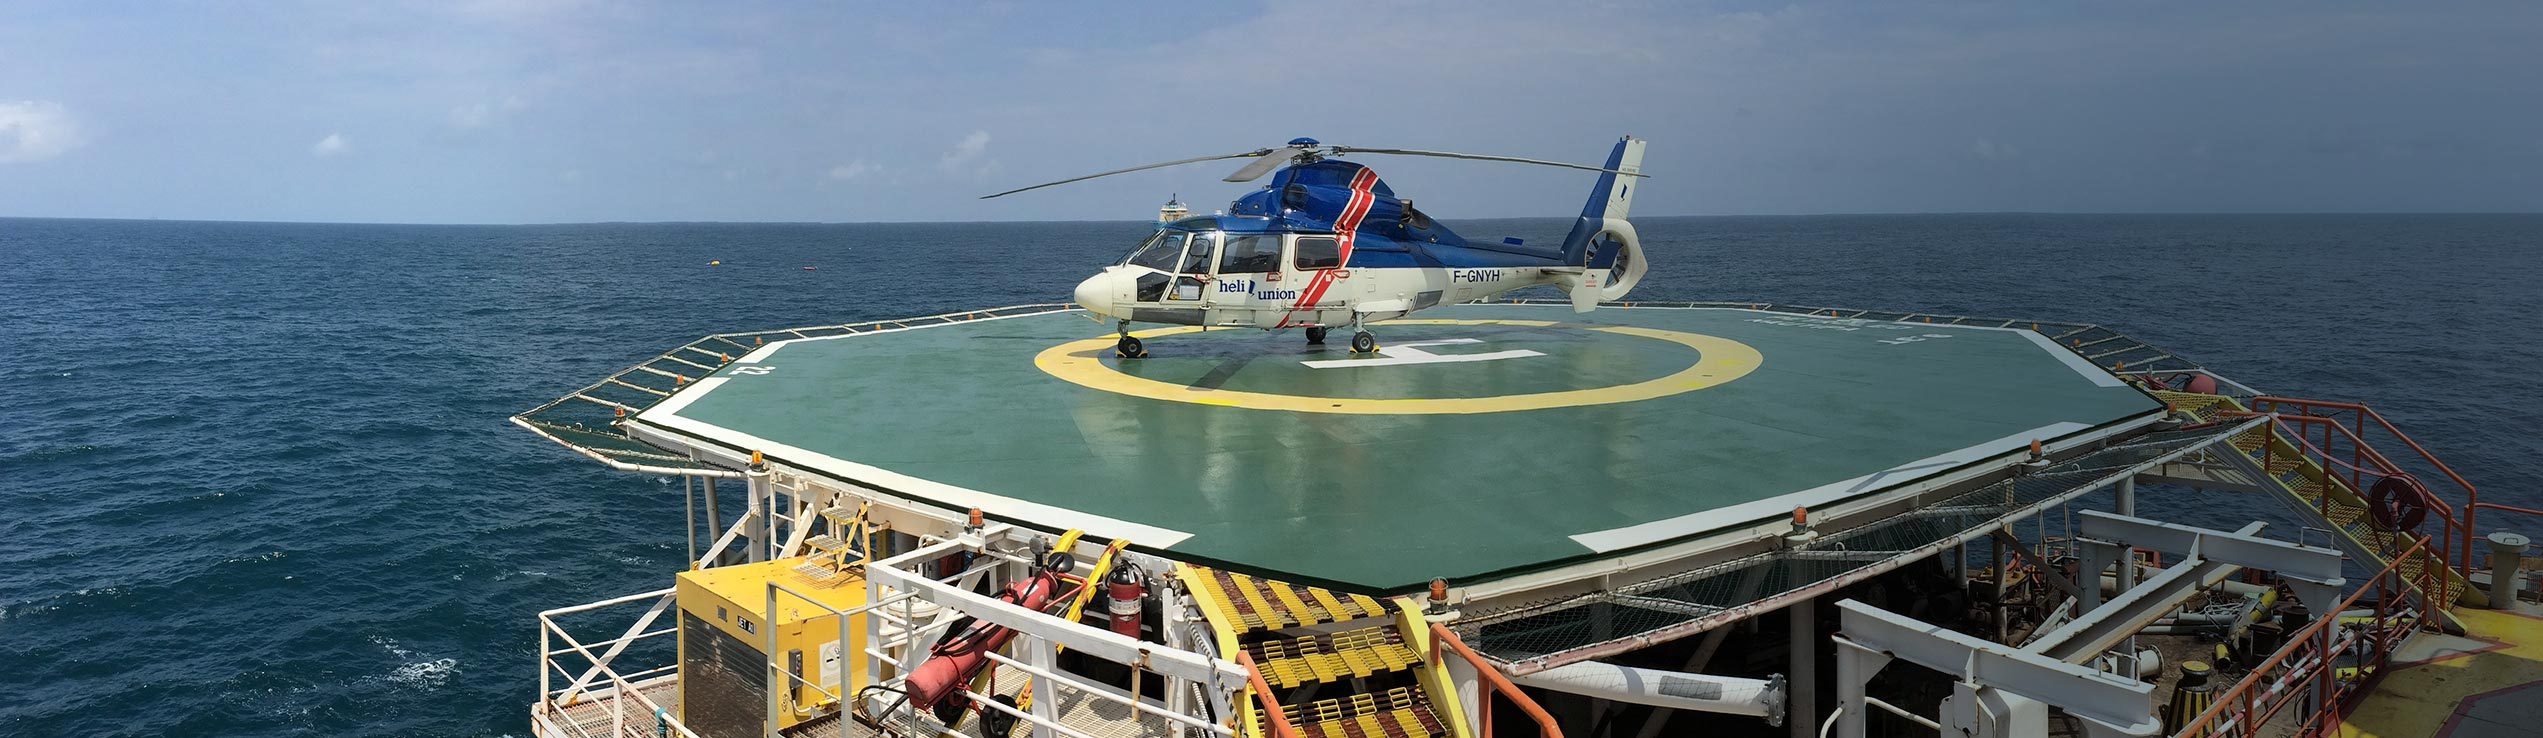 heli union fleet